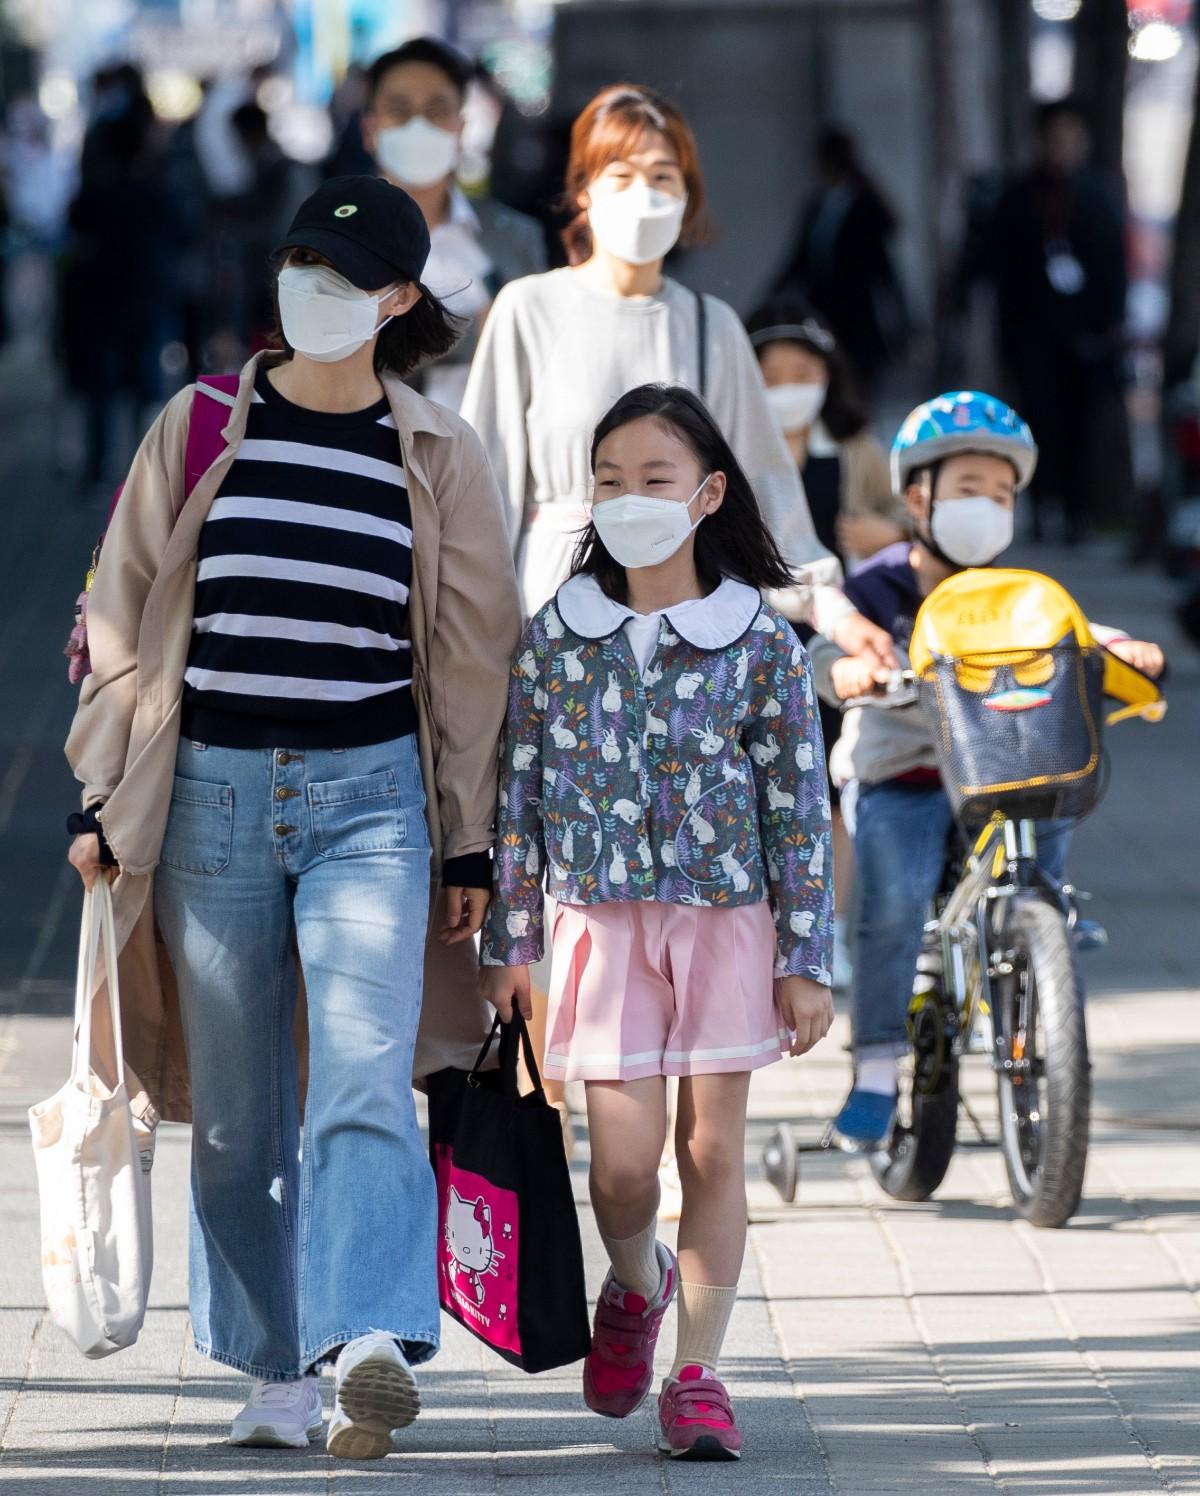 韩政府将视察工地、工厂防疫状况